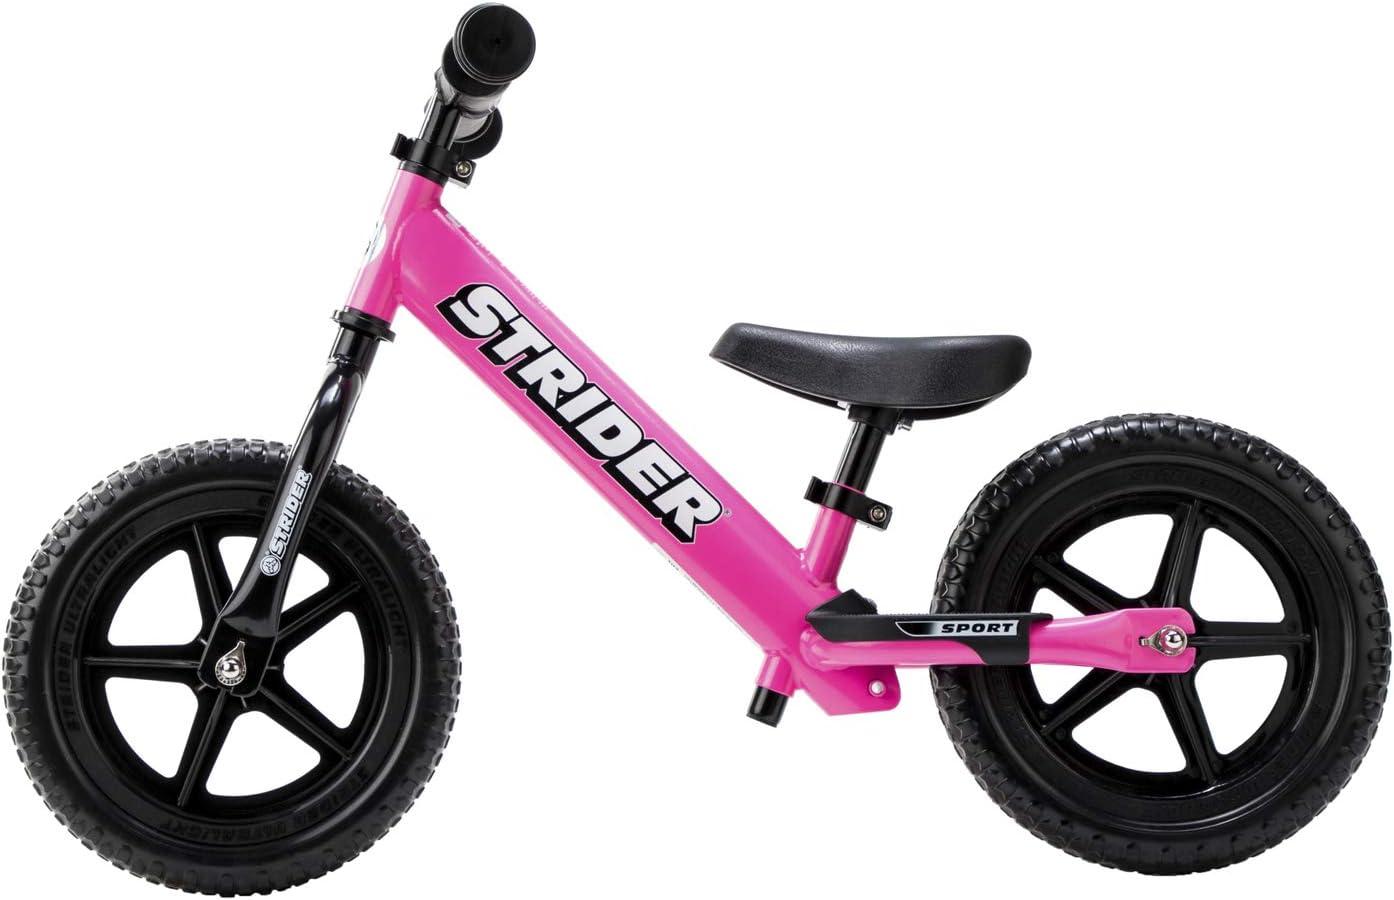 Strider 12 Sport - Bicicleta sin Pedales Ultraligera - para niños de 18 Meses, 2,3, 4 y 5 años, sillín Ajustable, 12 Pulgadas (Rosa)